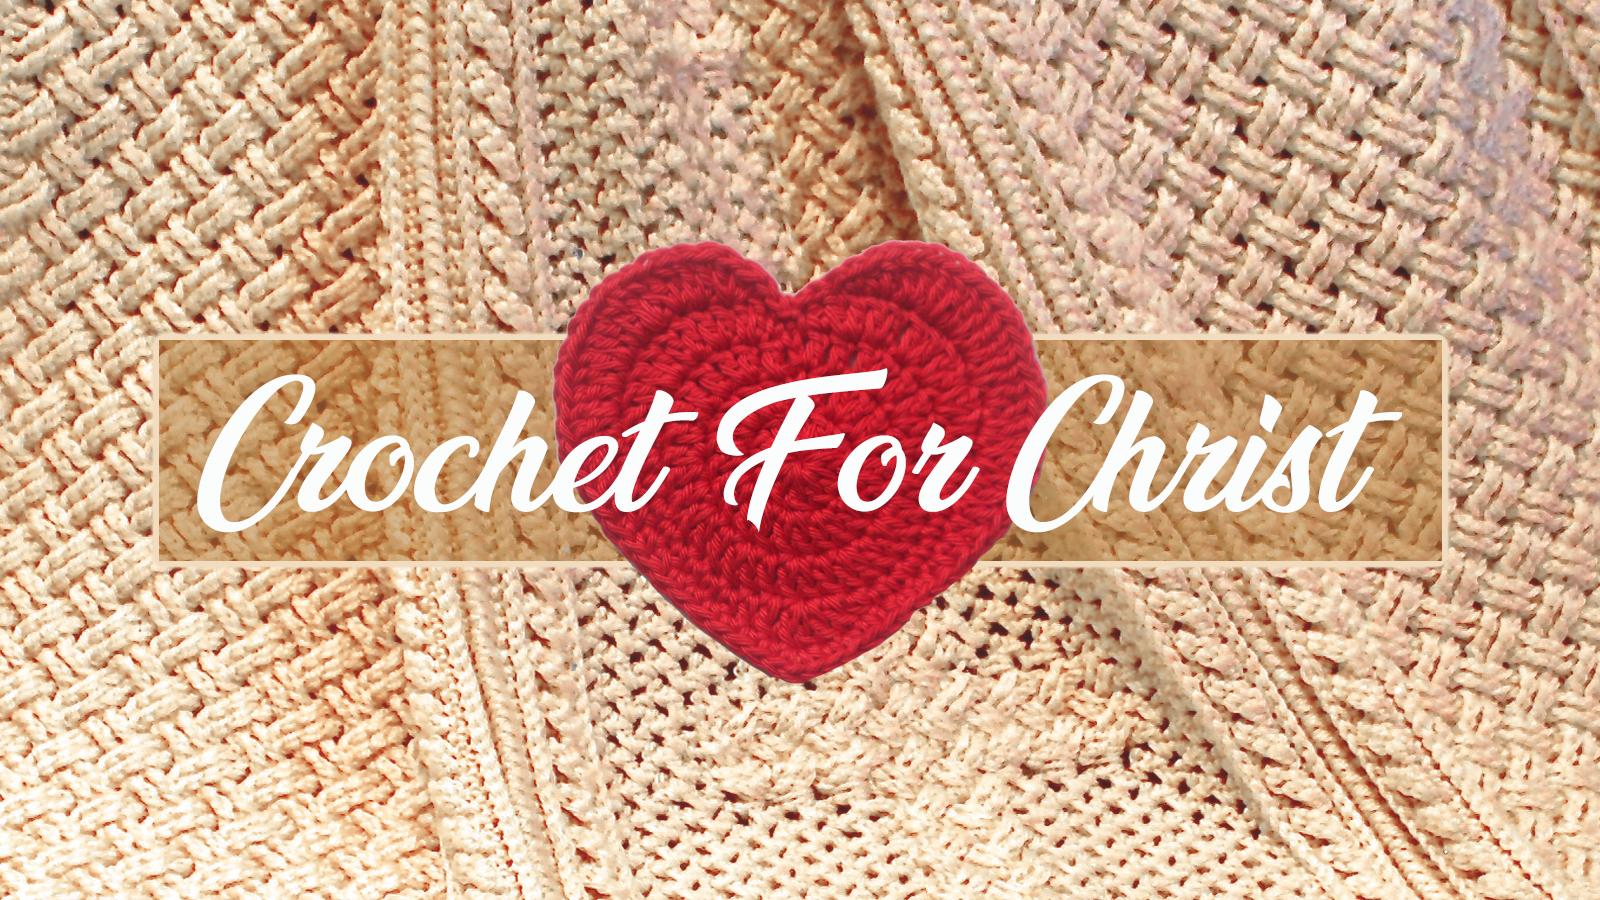 Crochet For Christ.png